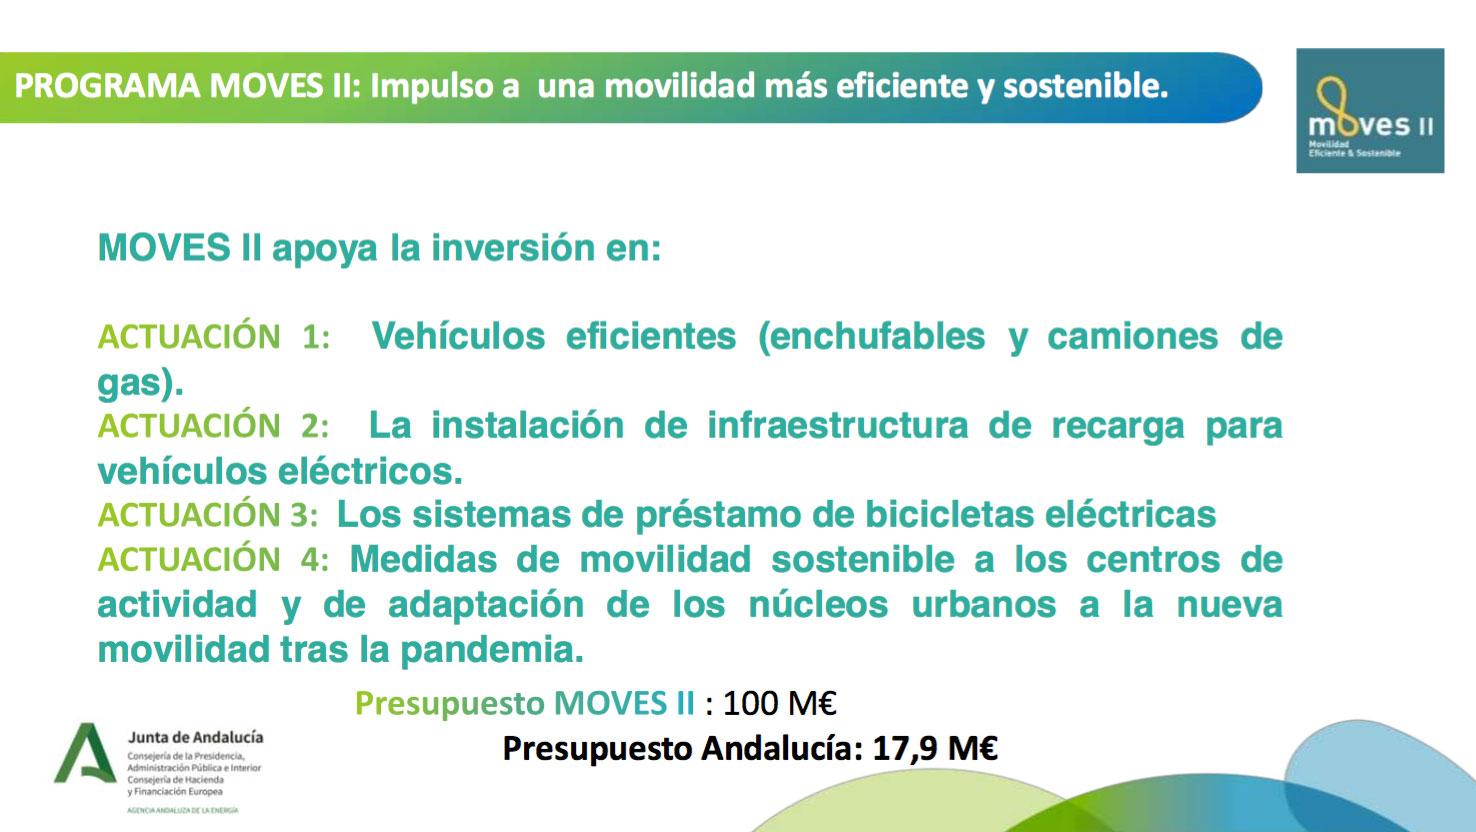 Gema Cantero presenta los detalles del Programa de Incentivos a la Movilidad Eficiente y Sostenible (MOVES II)